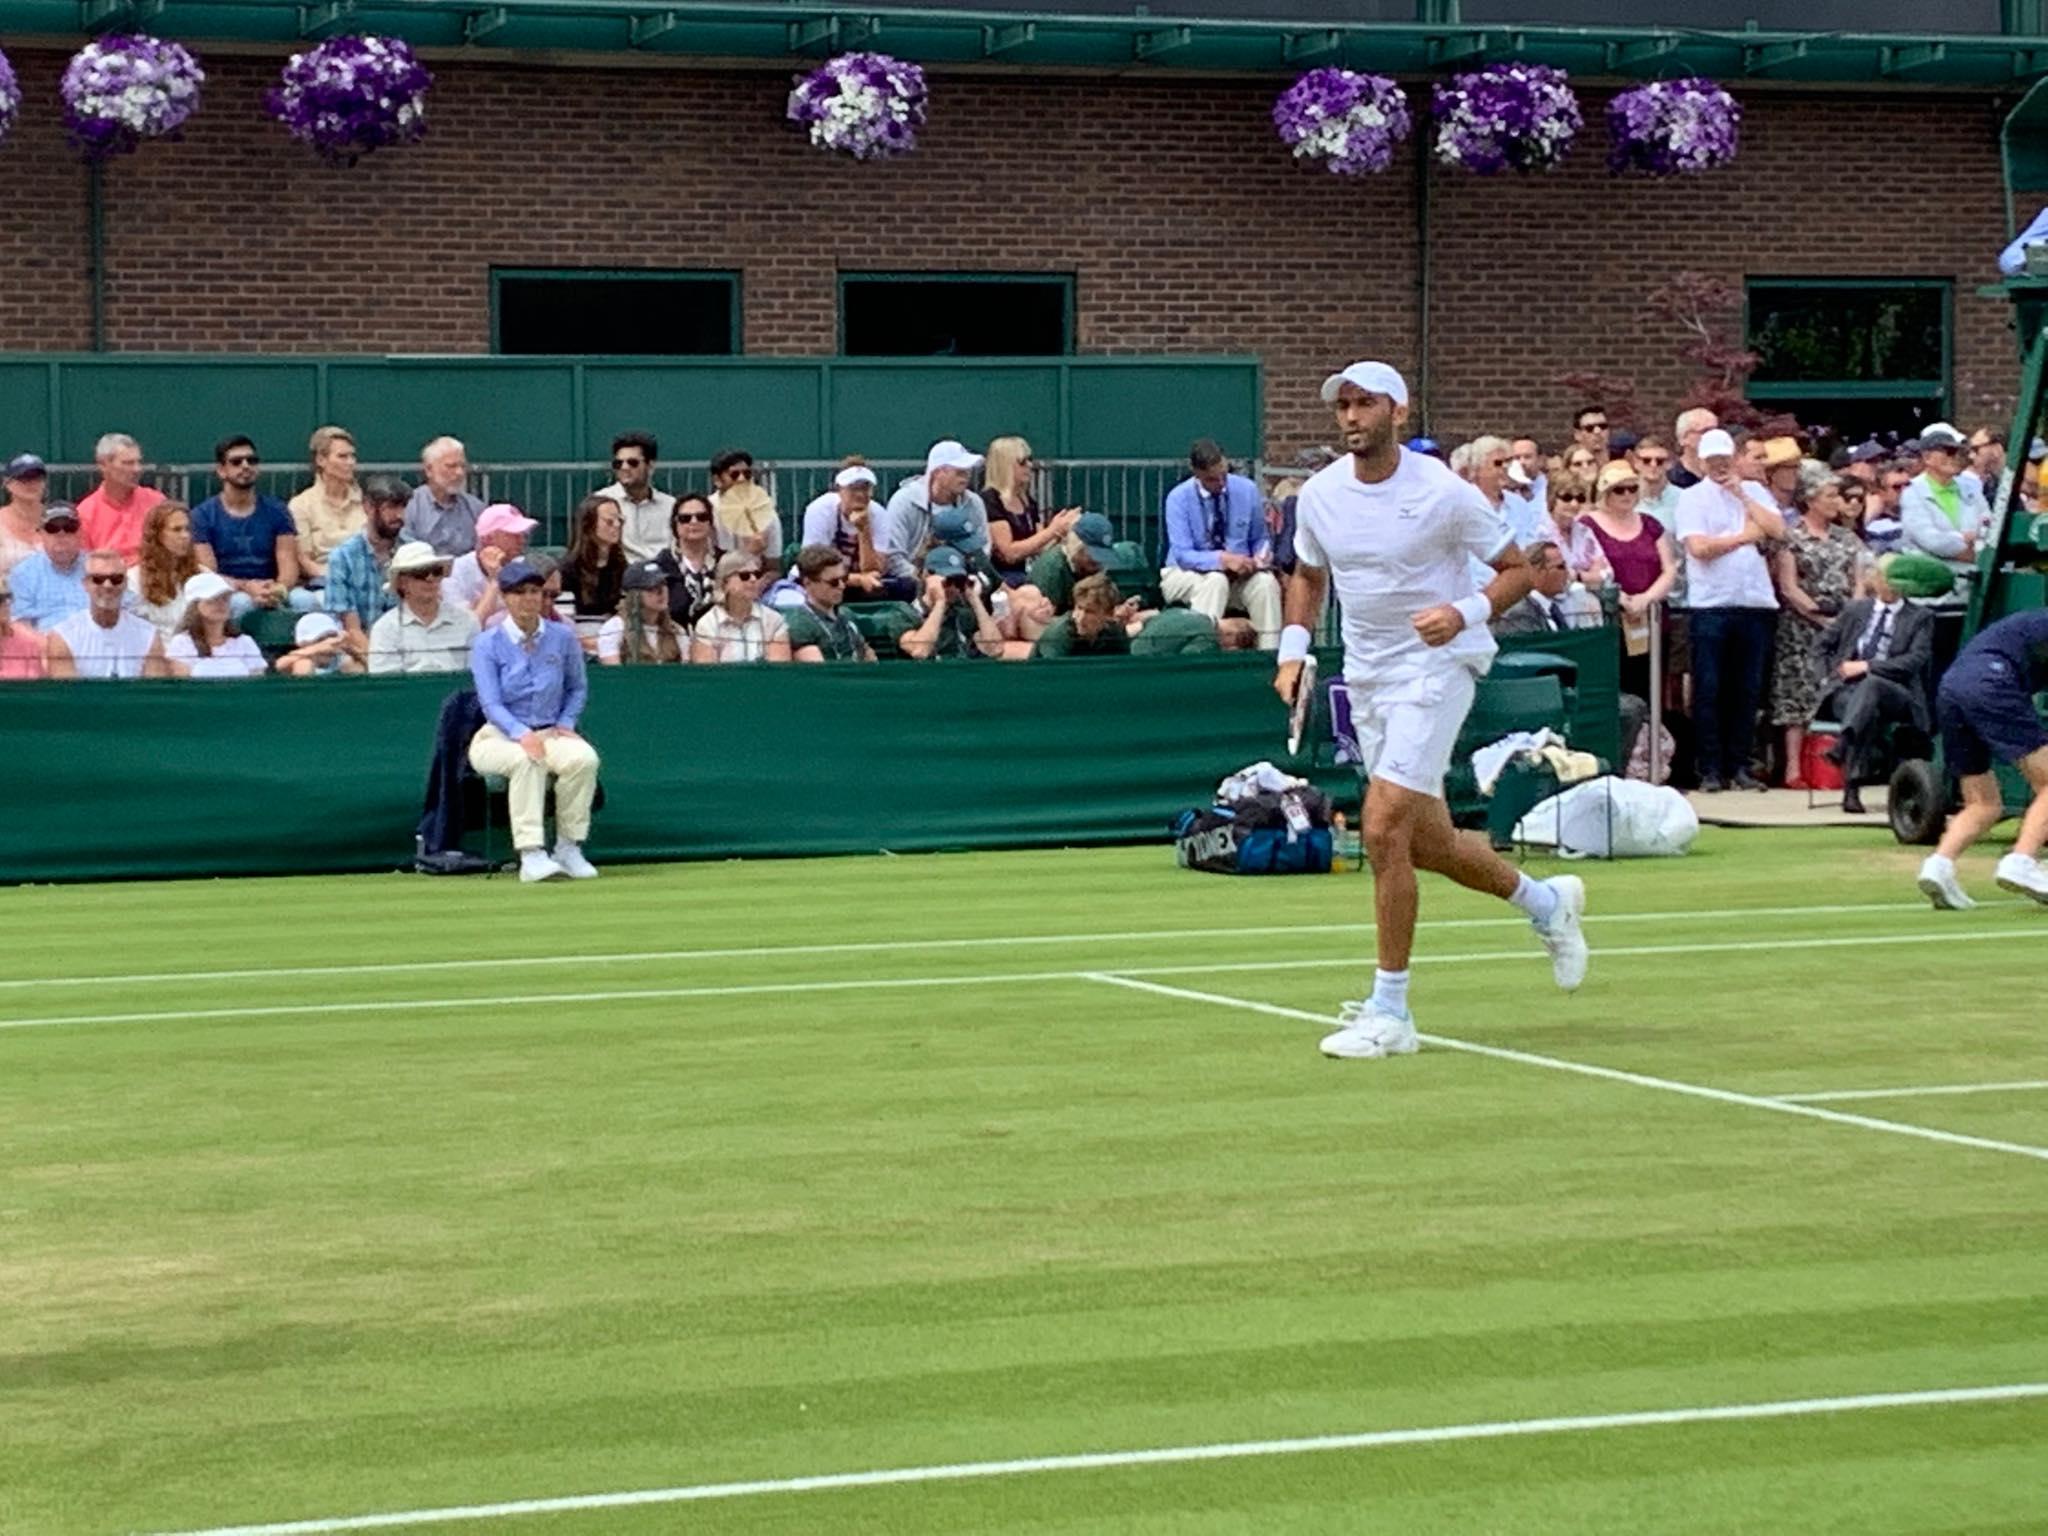 Live Blog Wimbledon 2019 rezultate, tablou, Live Stream, știri – WTA, ATP. Irina Begu îl încurajează pe Horia Tecău și Jean Julien Roger